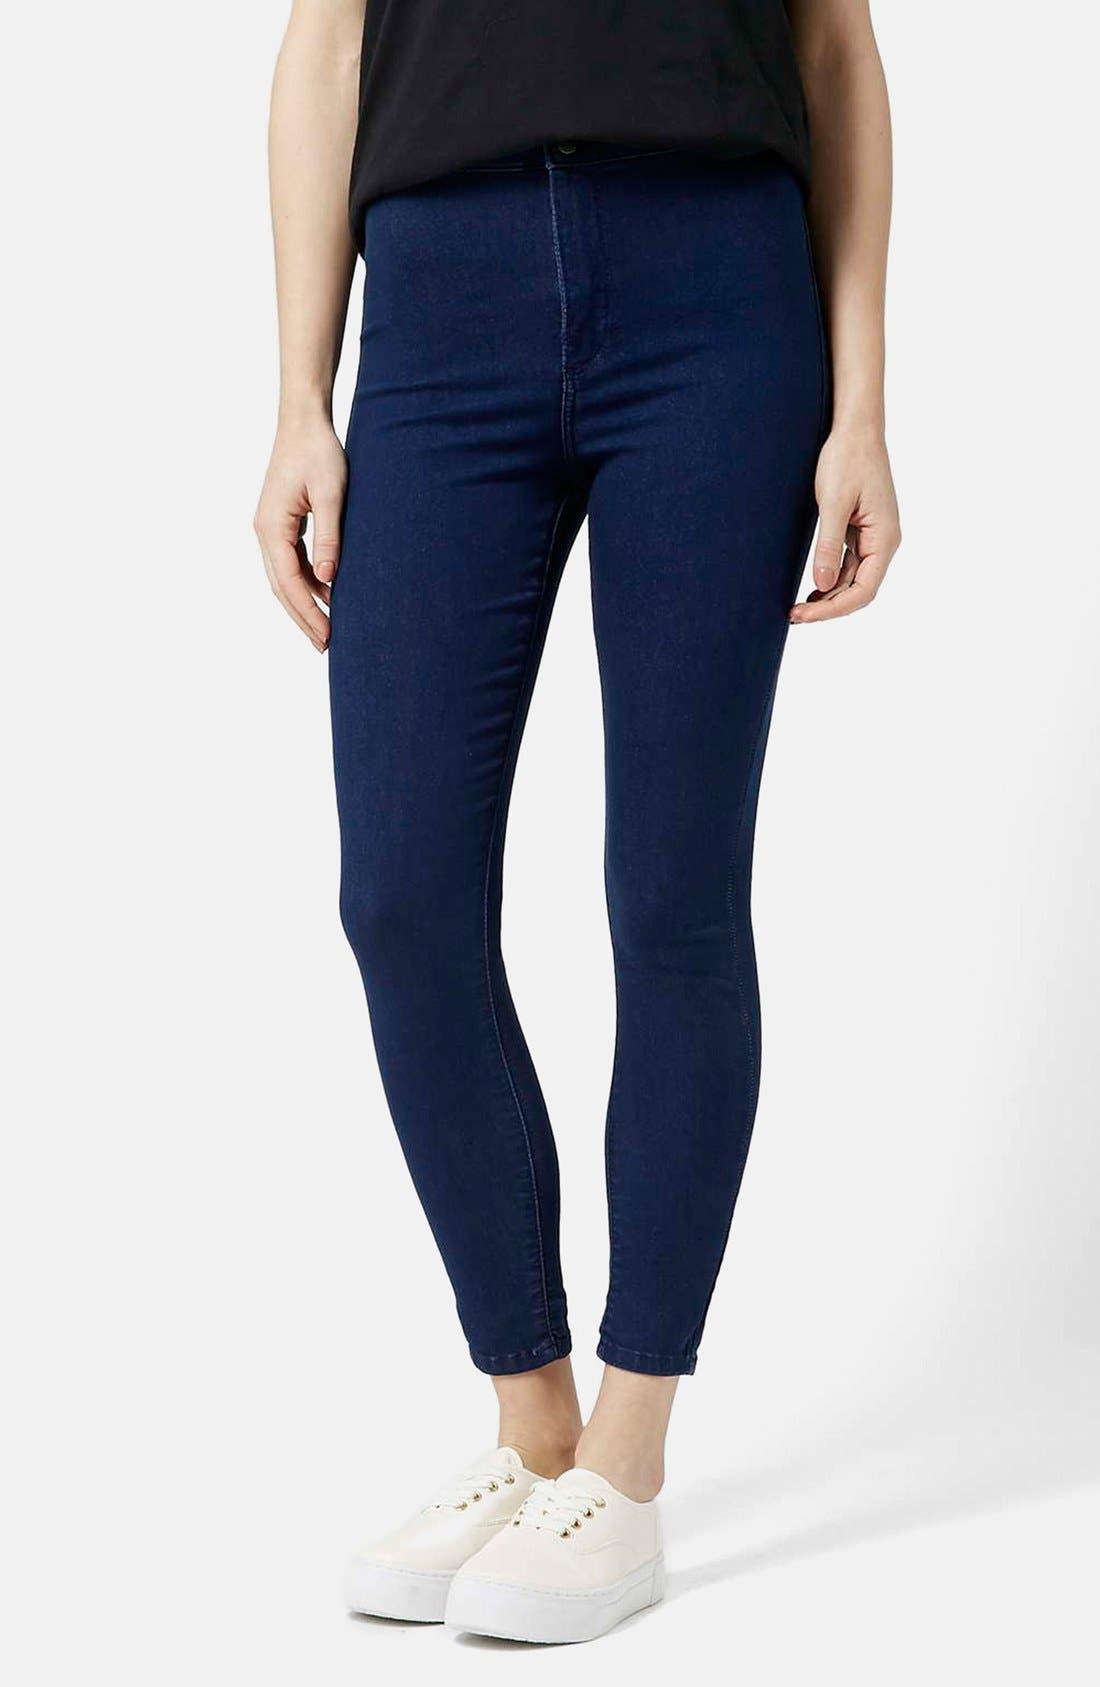 Main Image - Topshop Moto 'Joni' Ankle Skinny Jeans (Bright Blue) (Petite)